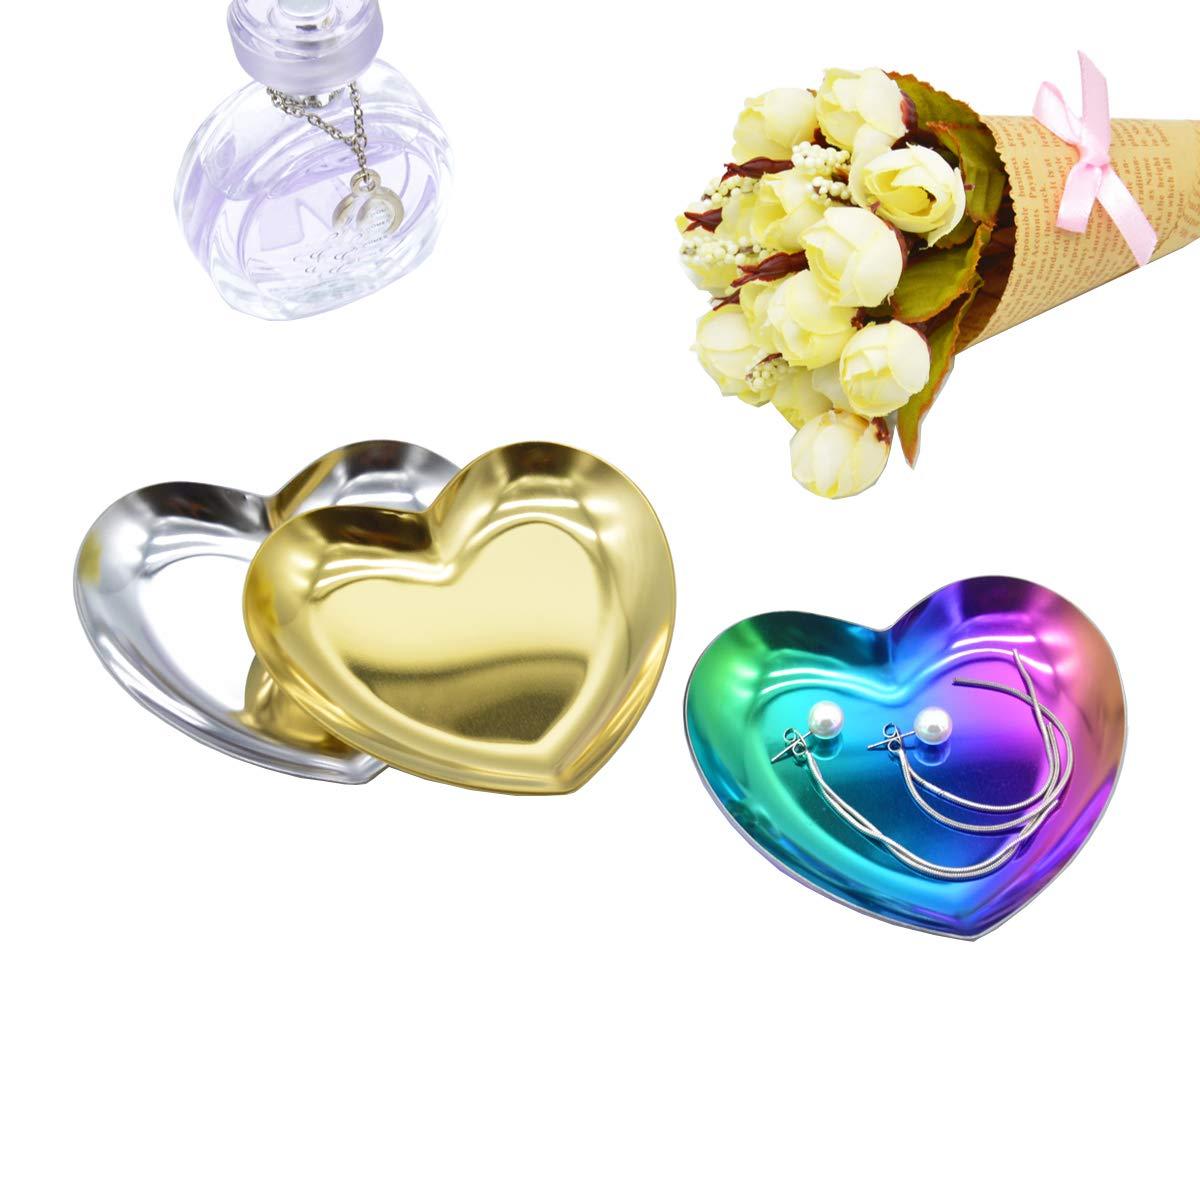 Antcher 2 Stück Herzförmige Metallablage Kosmetik Schmuck